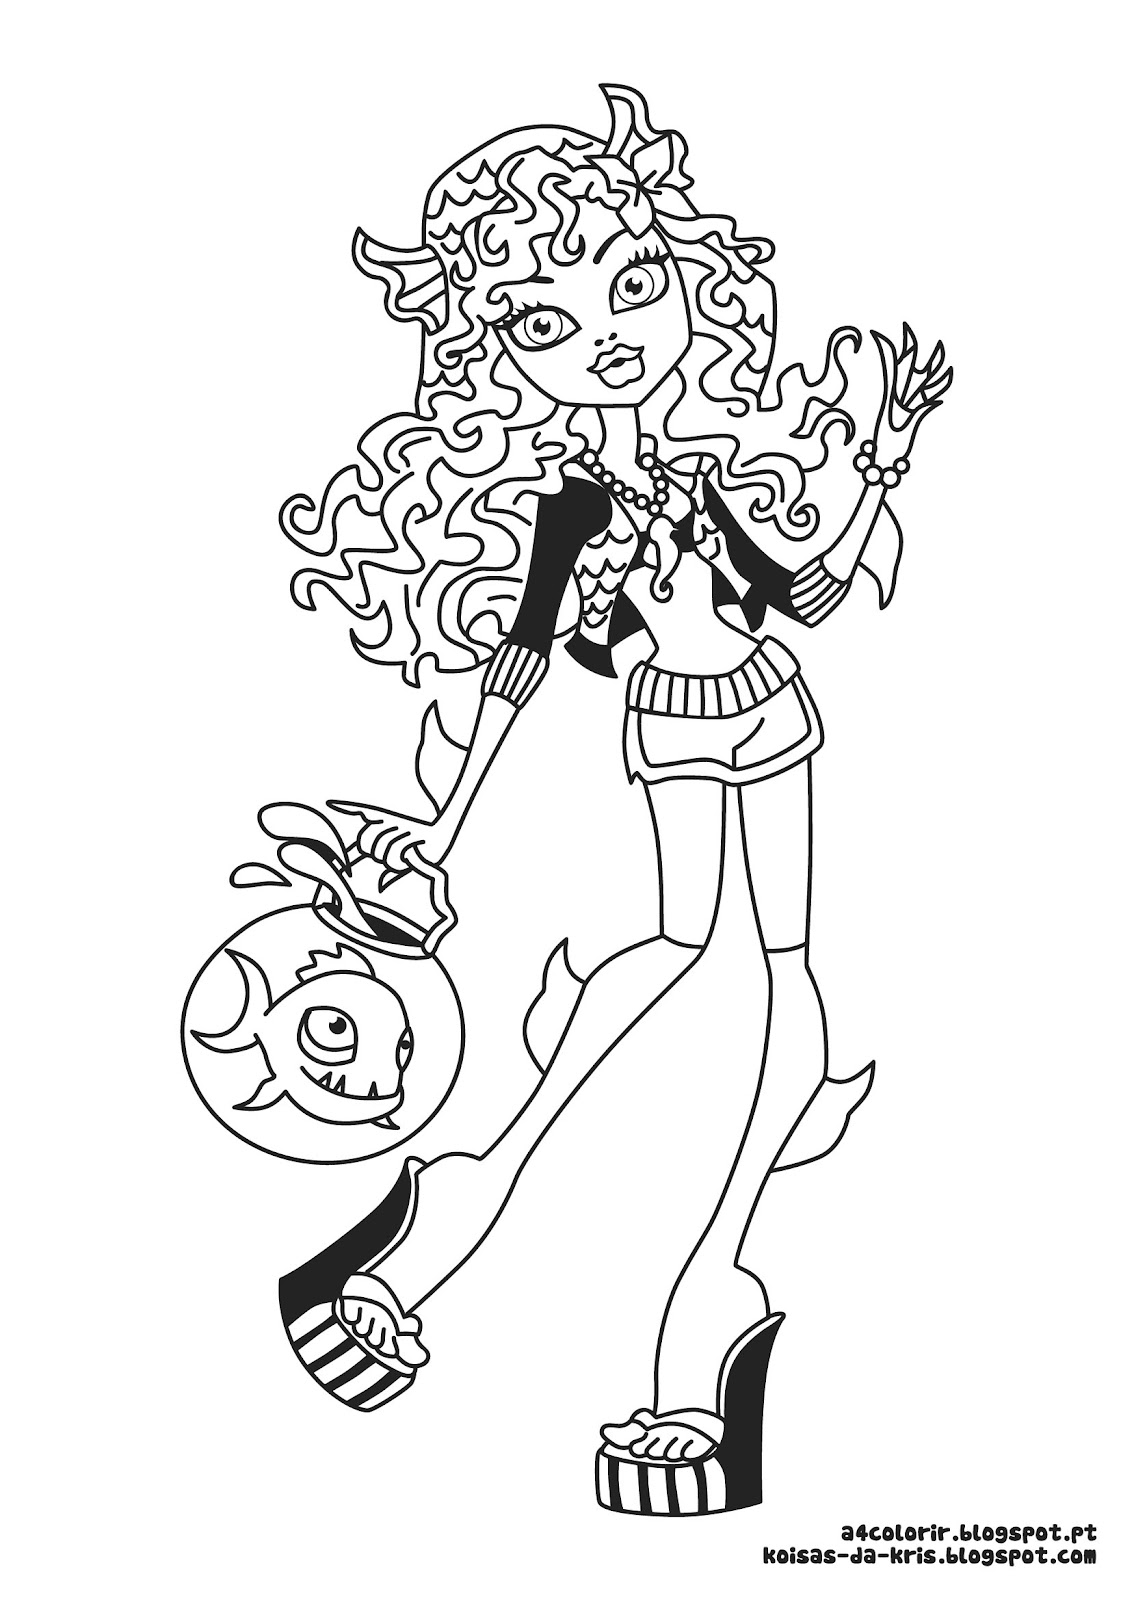 Desenhos para pintar e colorir » Novos desenhos gratis